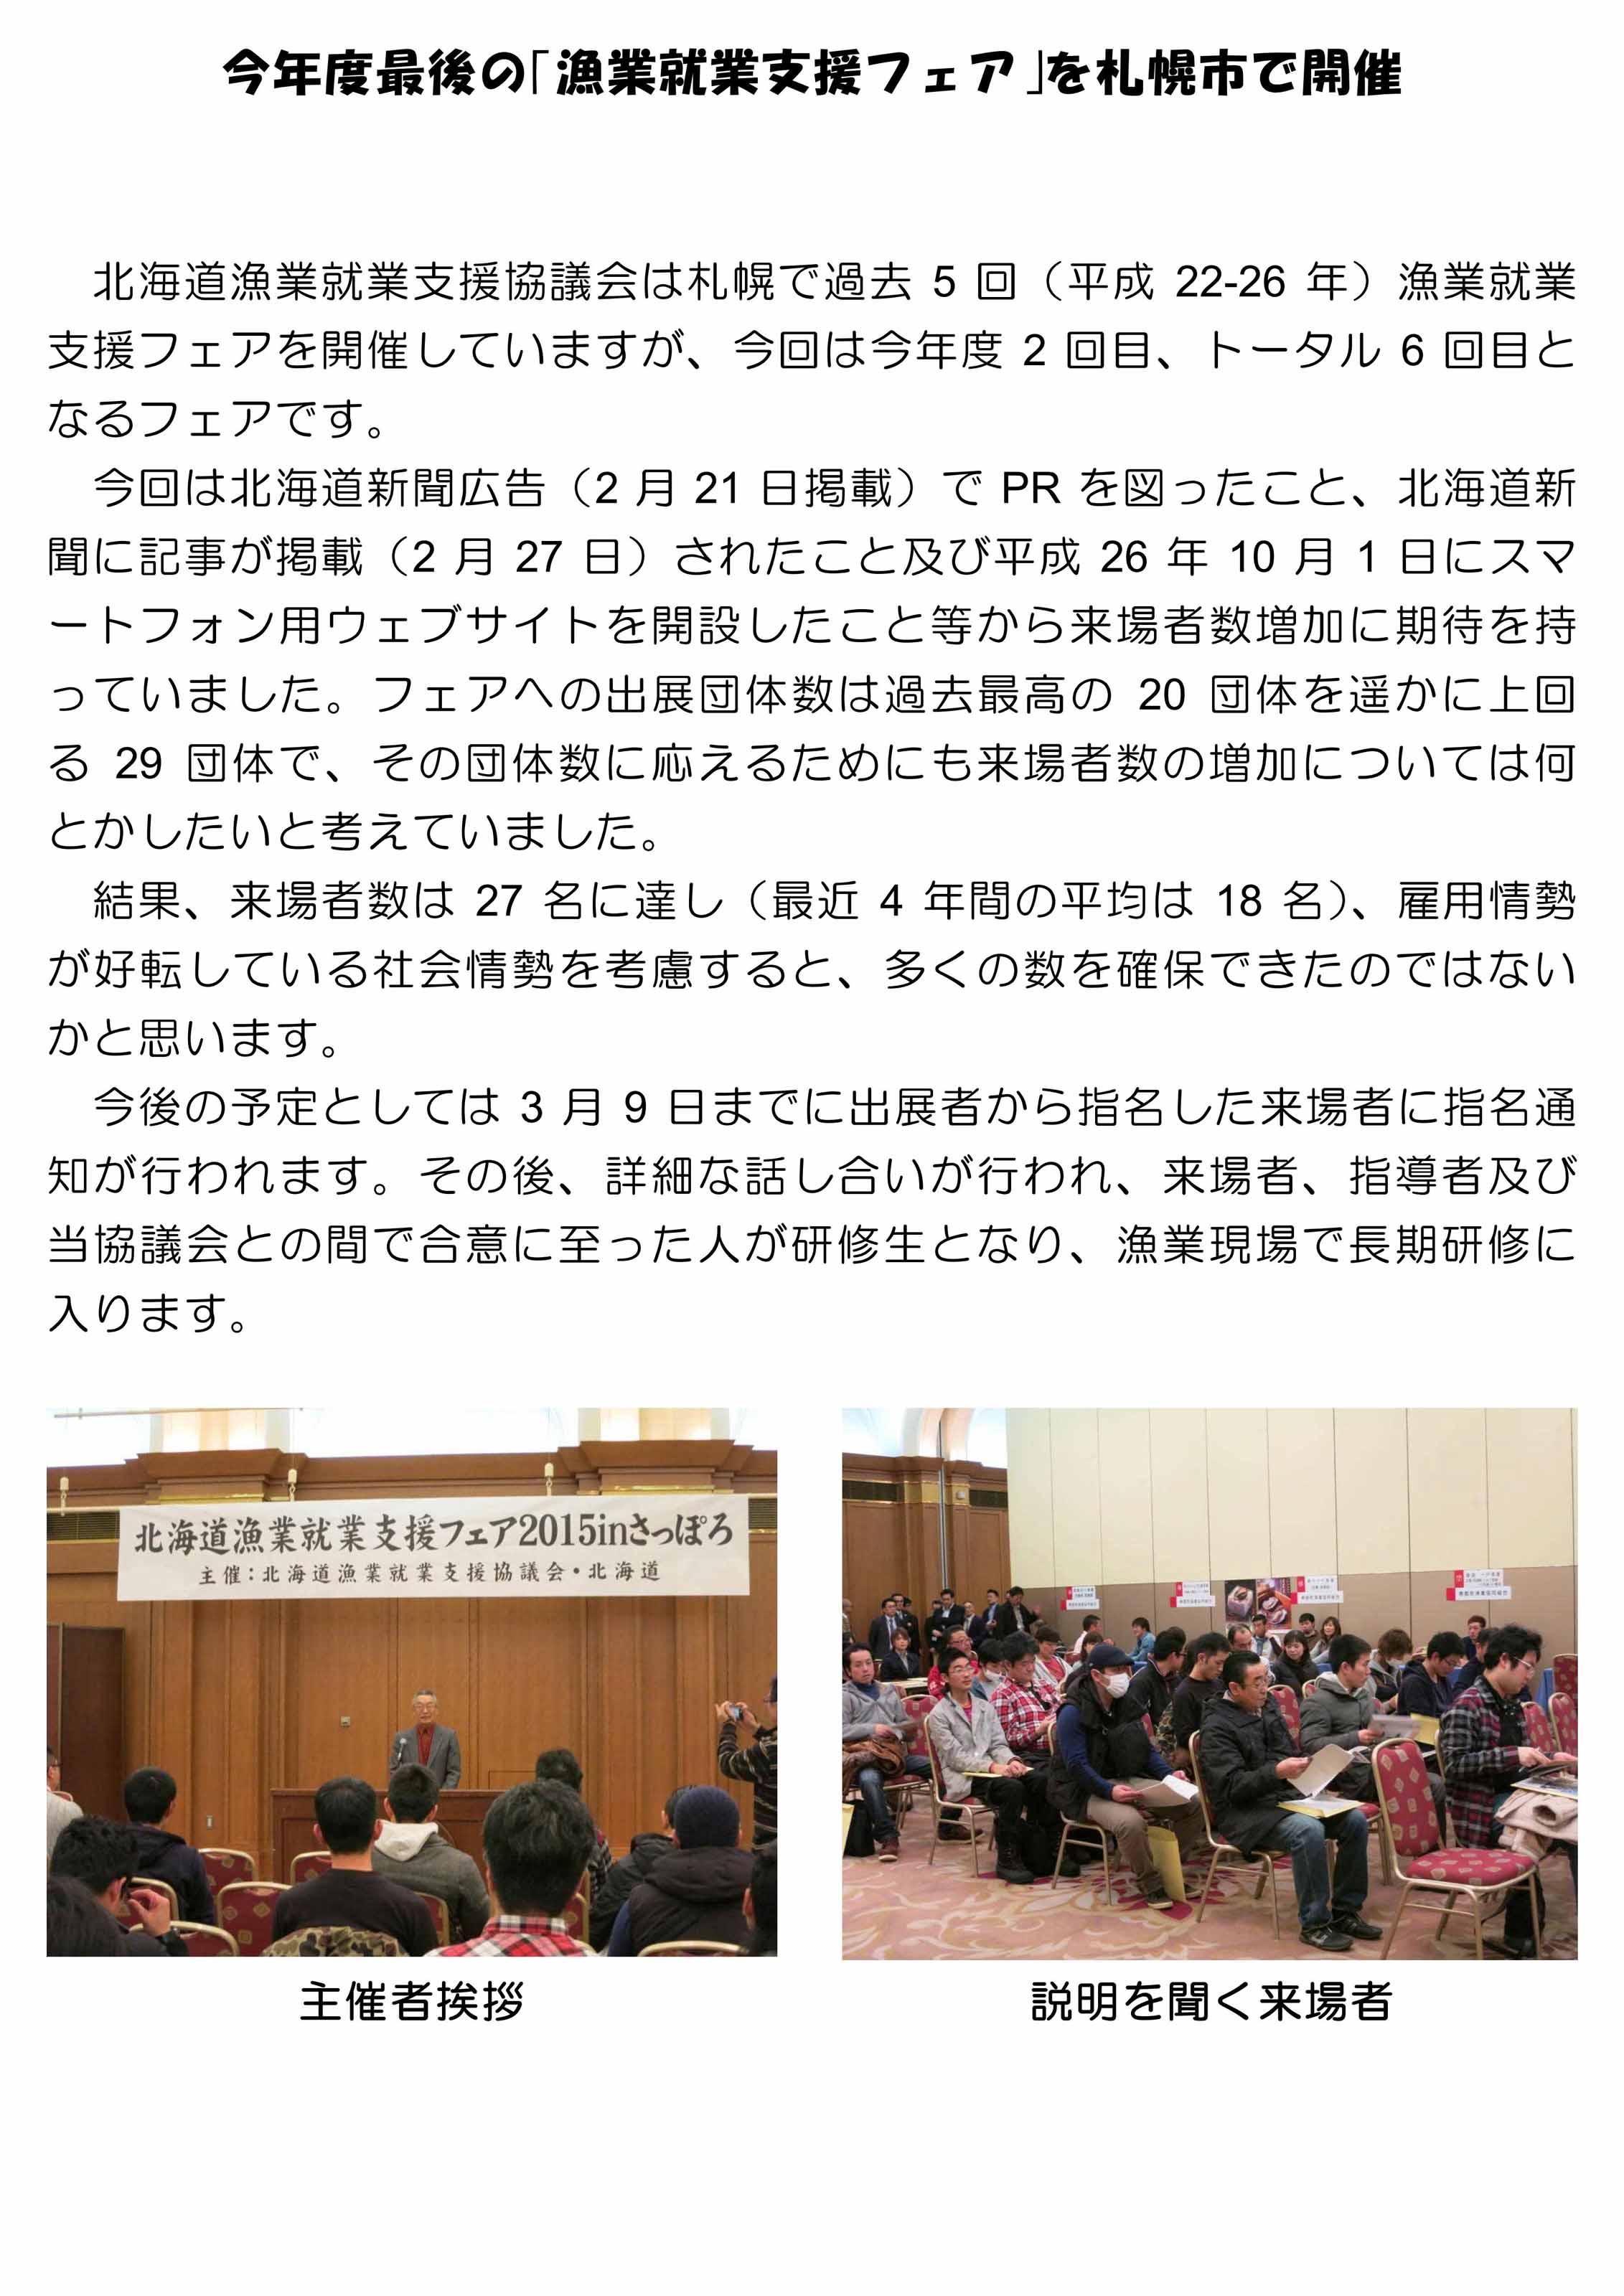 H26札幌フェア2開催